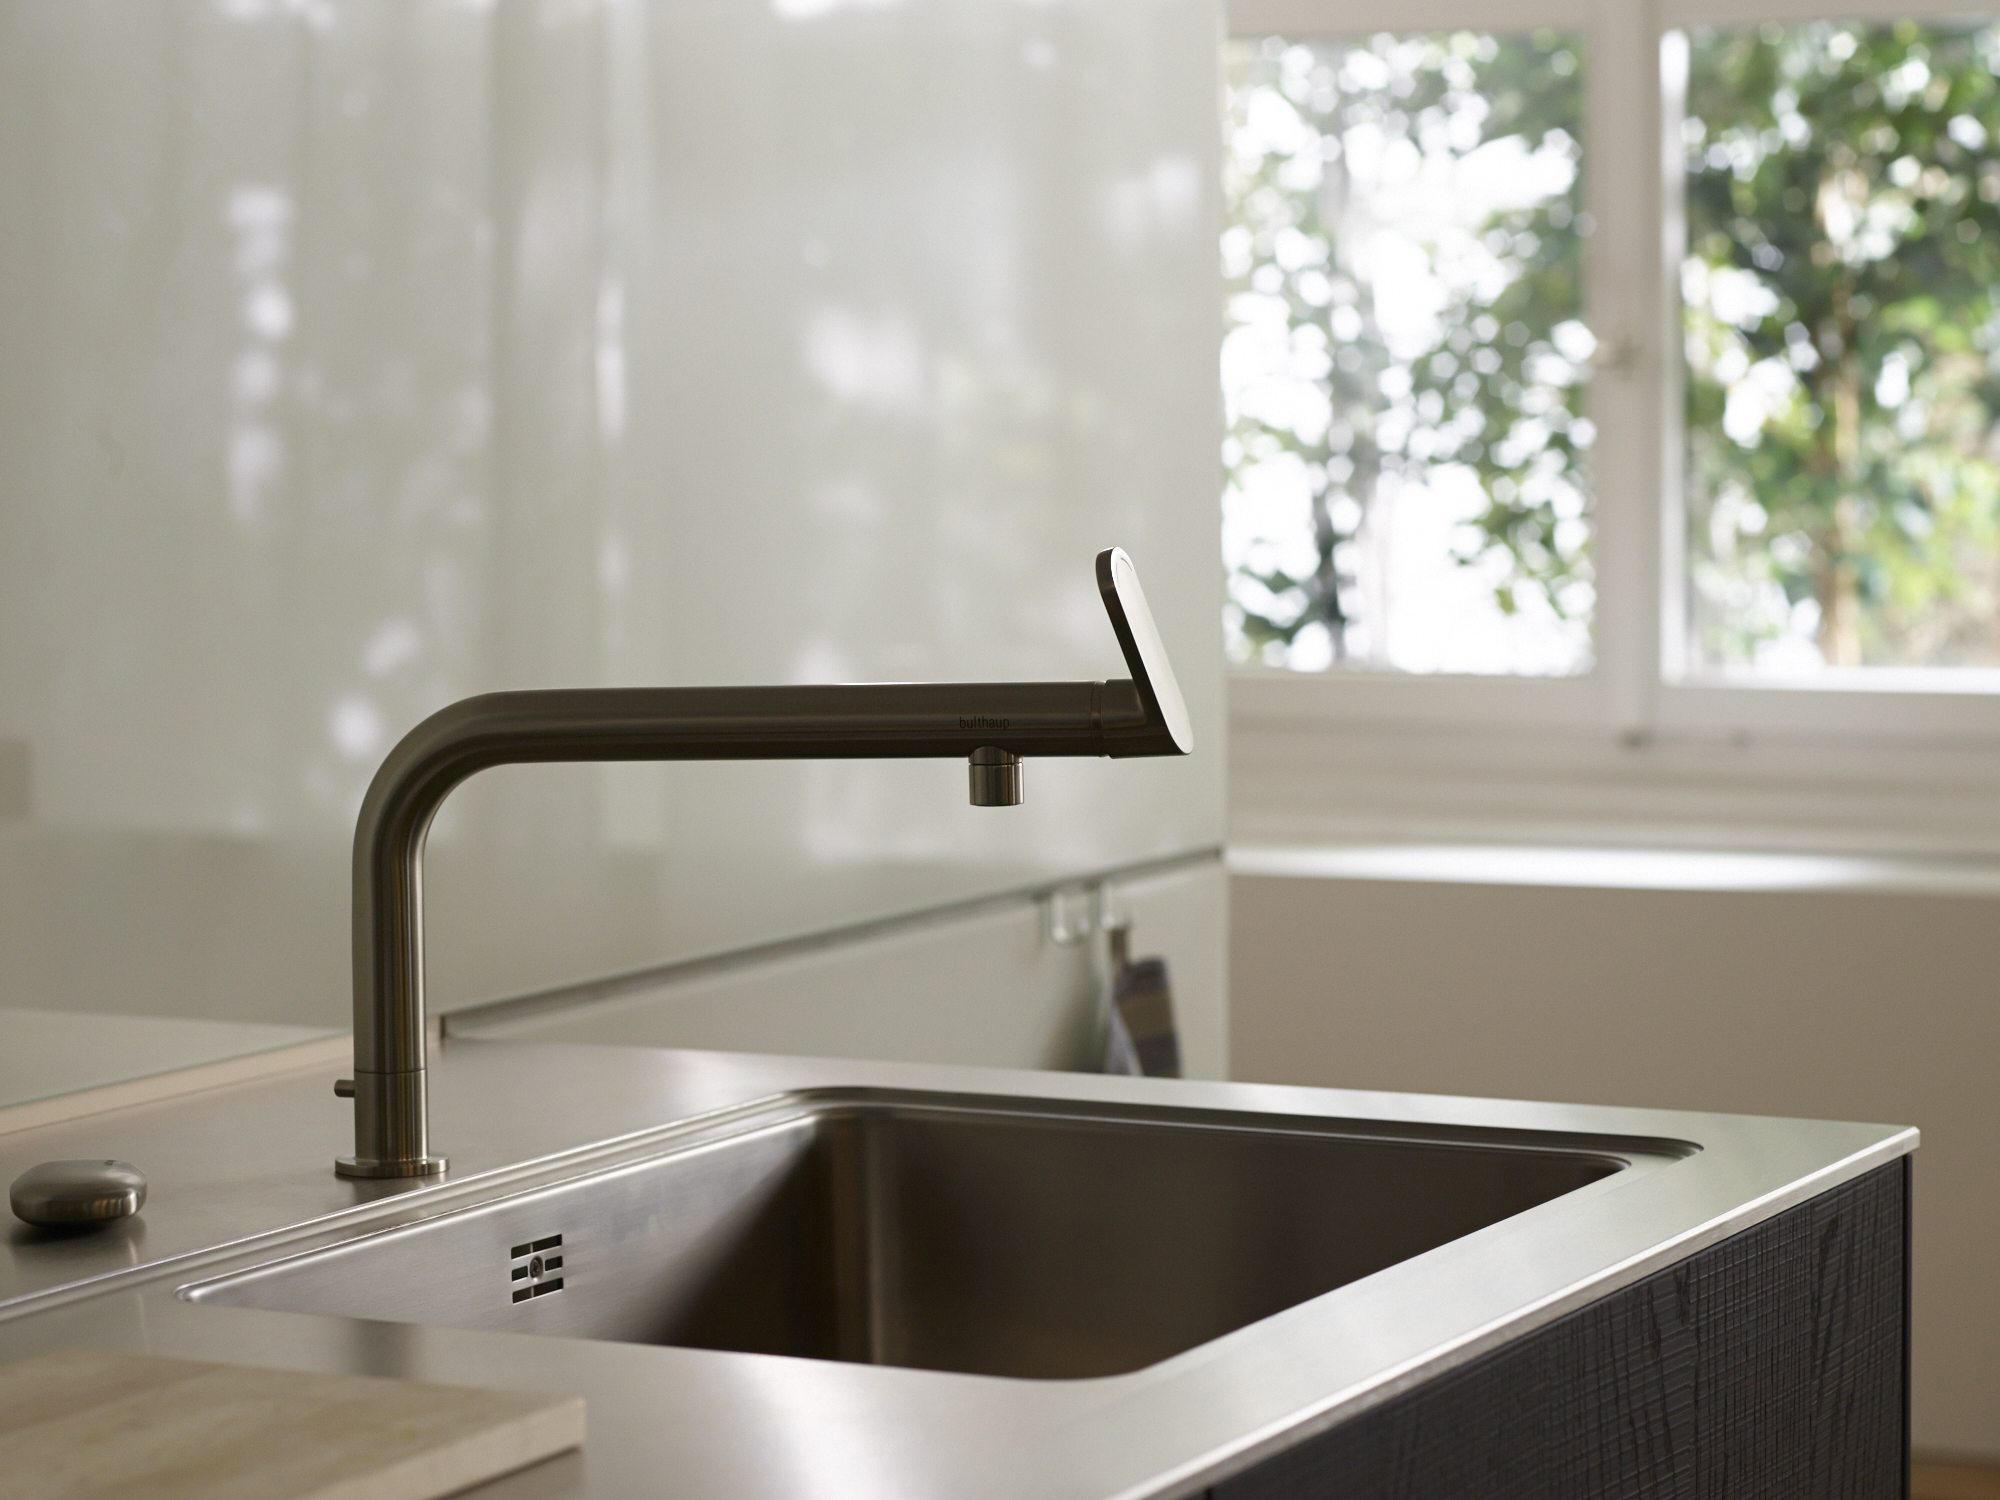 B3 WASSERSTELLE - Küchenspülbecken von bulthaup | Architonic